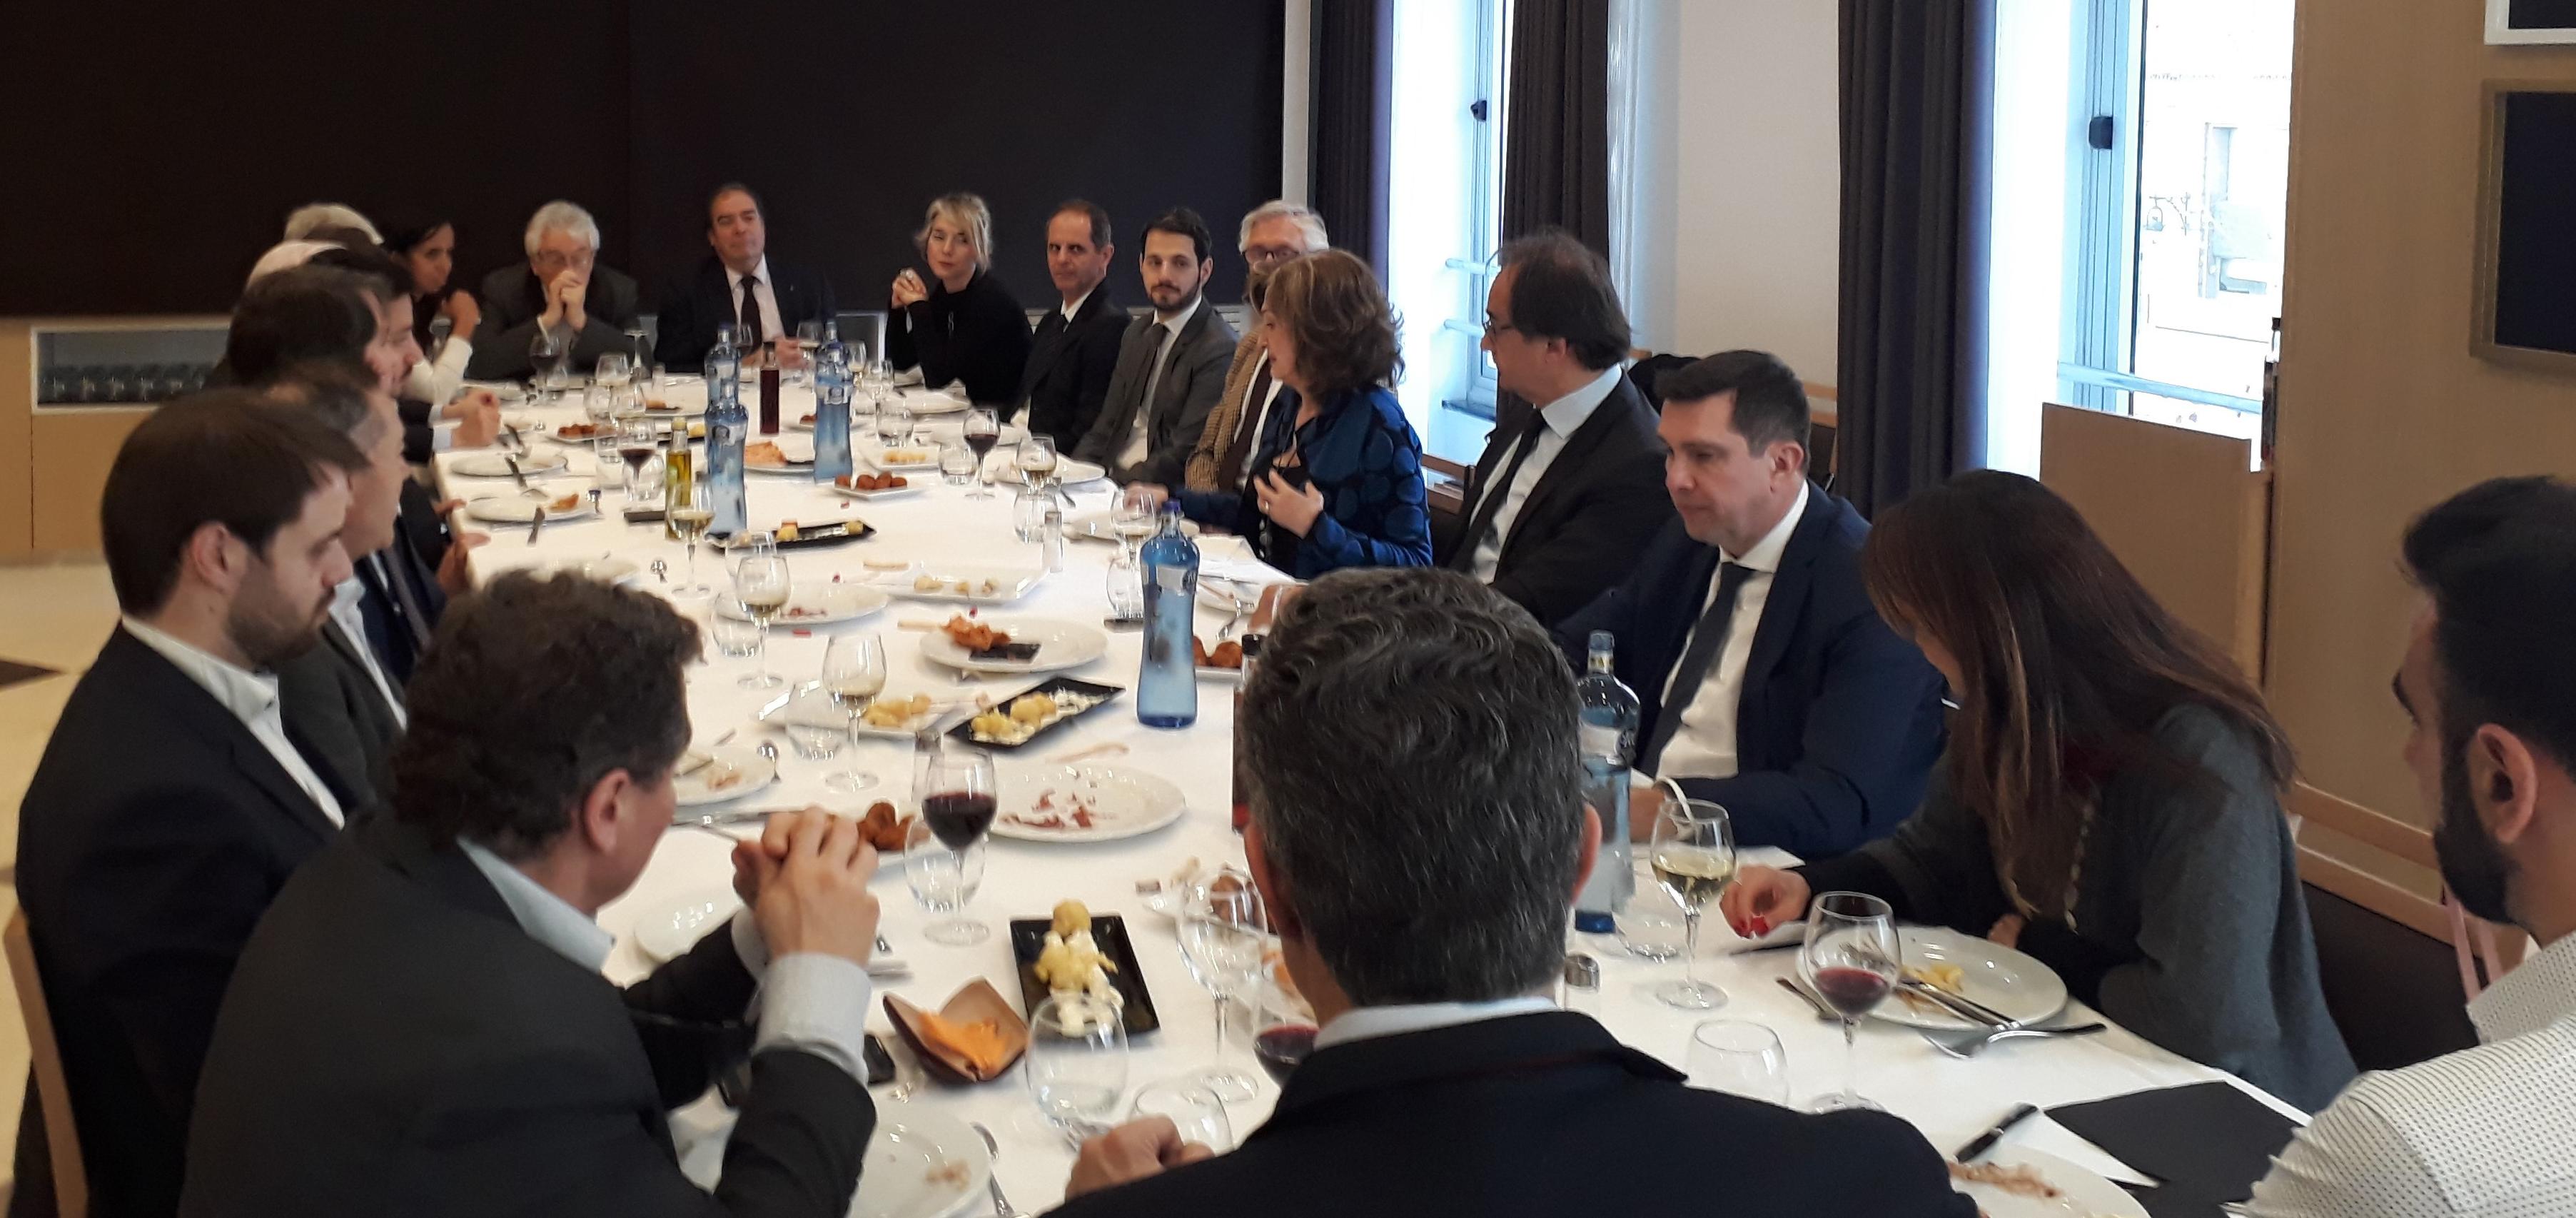 La CCBC celebra el seu creixement en reunió de Junta Directiva i Assemblea de Socis